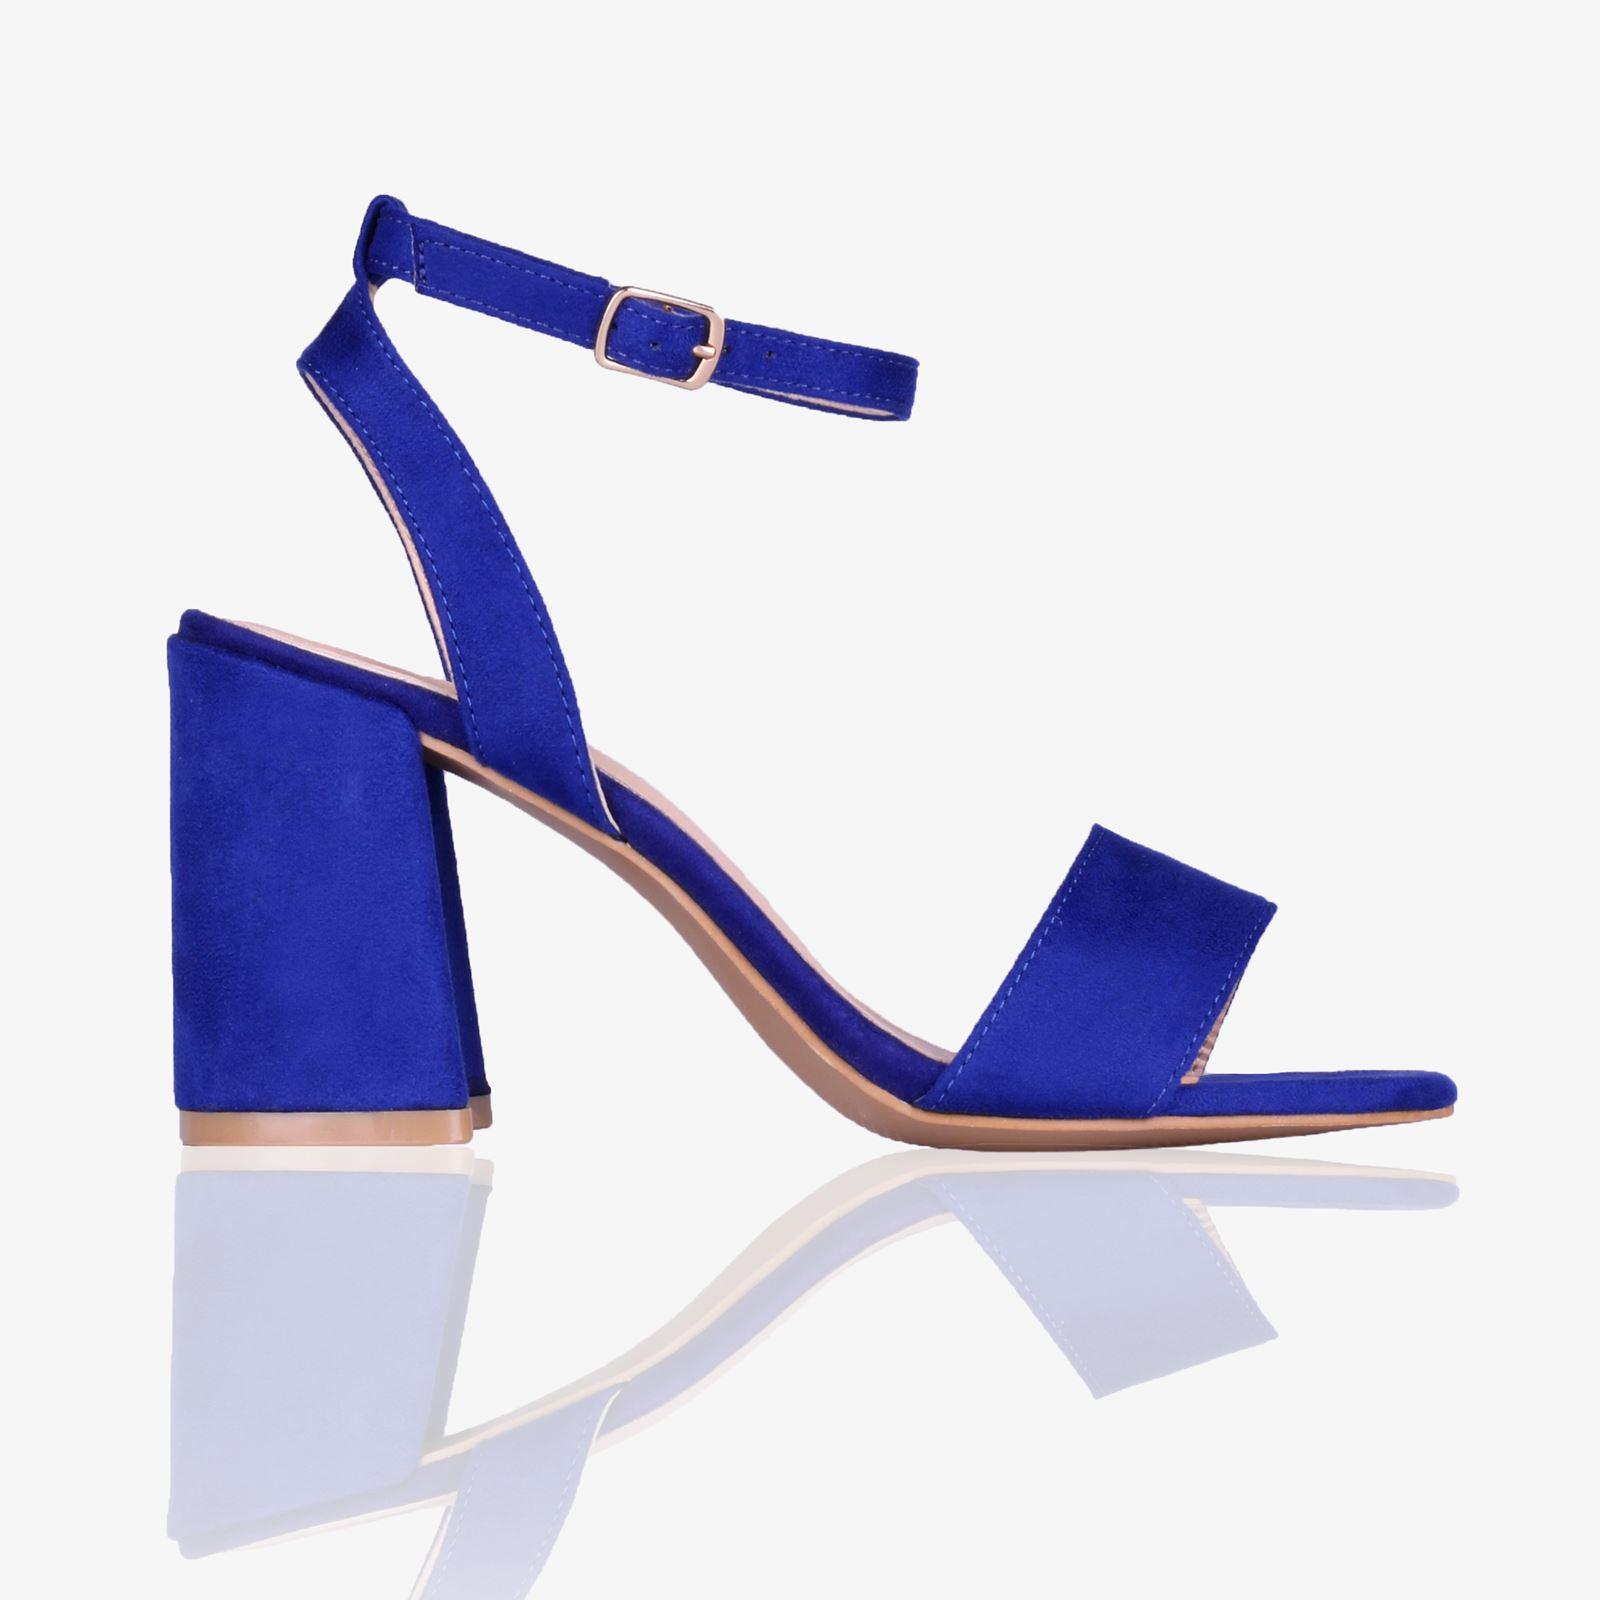 e8c35e8e187 Womans Ladies Satin Ankle Wrap Mid Block Heel Open Toe Sandals ...